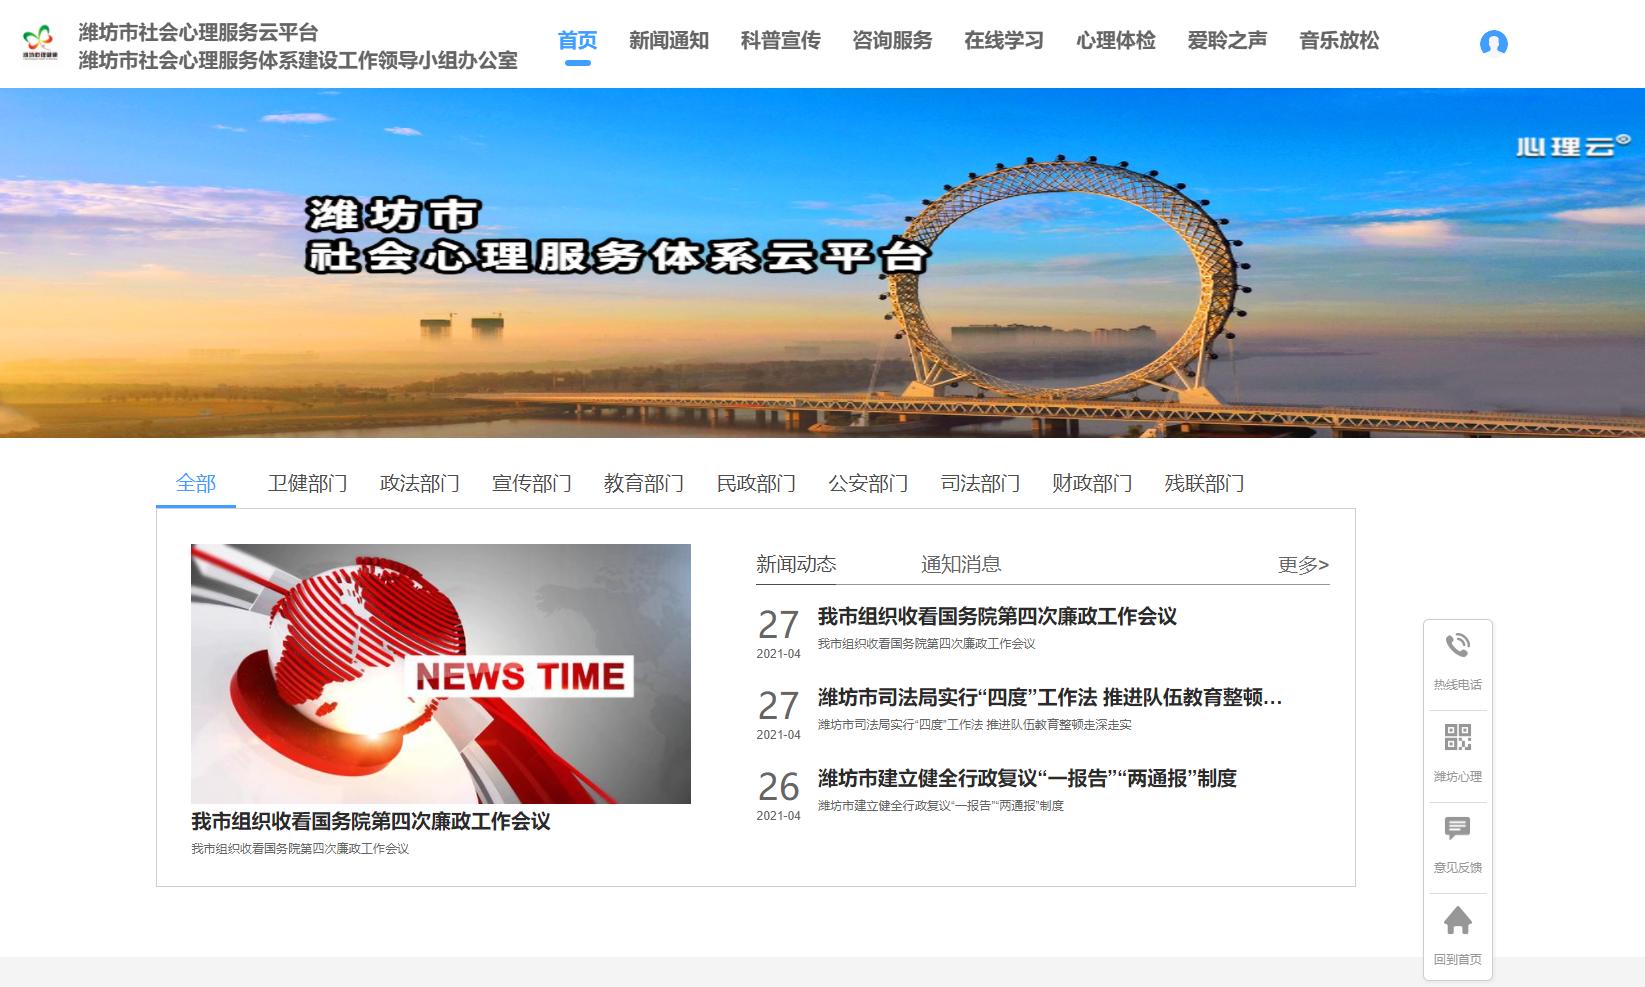 潍坊市社会米乐m6官网服务云平台